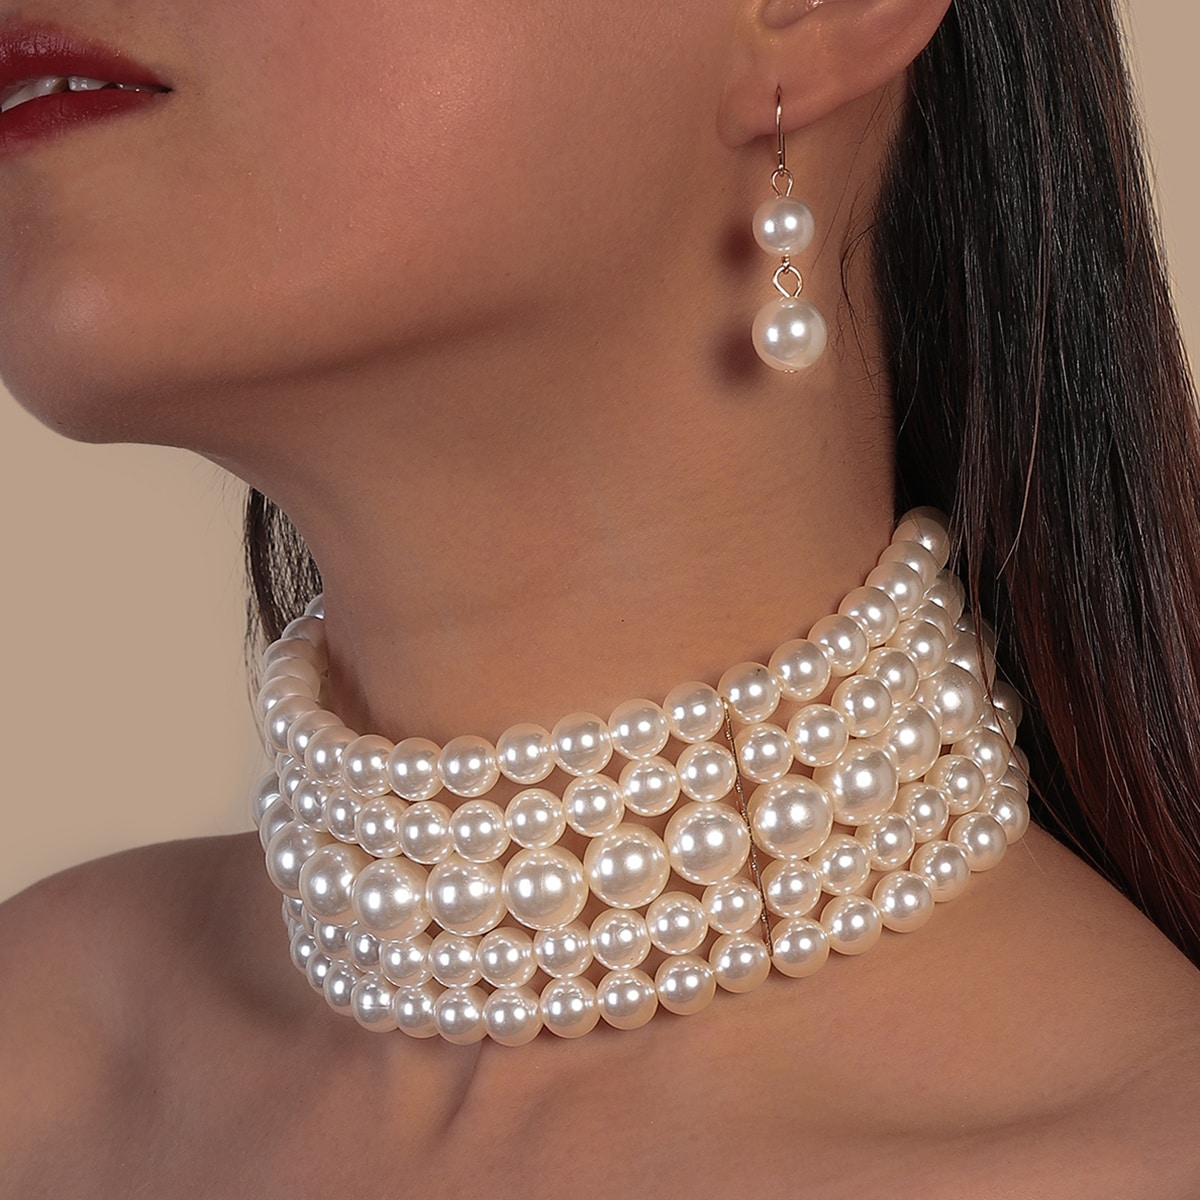 1 Stück Halskette mit Kunstperlen & 1 Paar Ohrringe